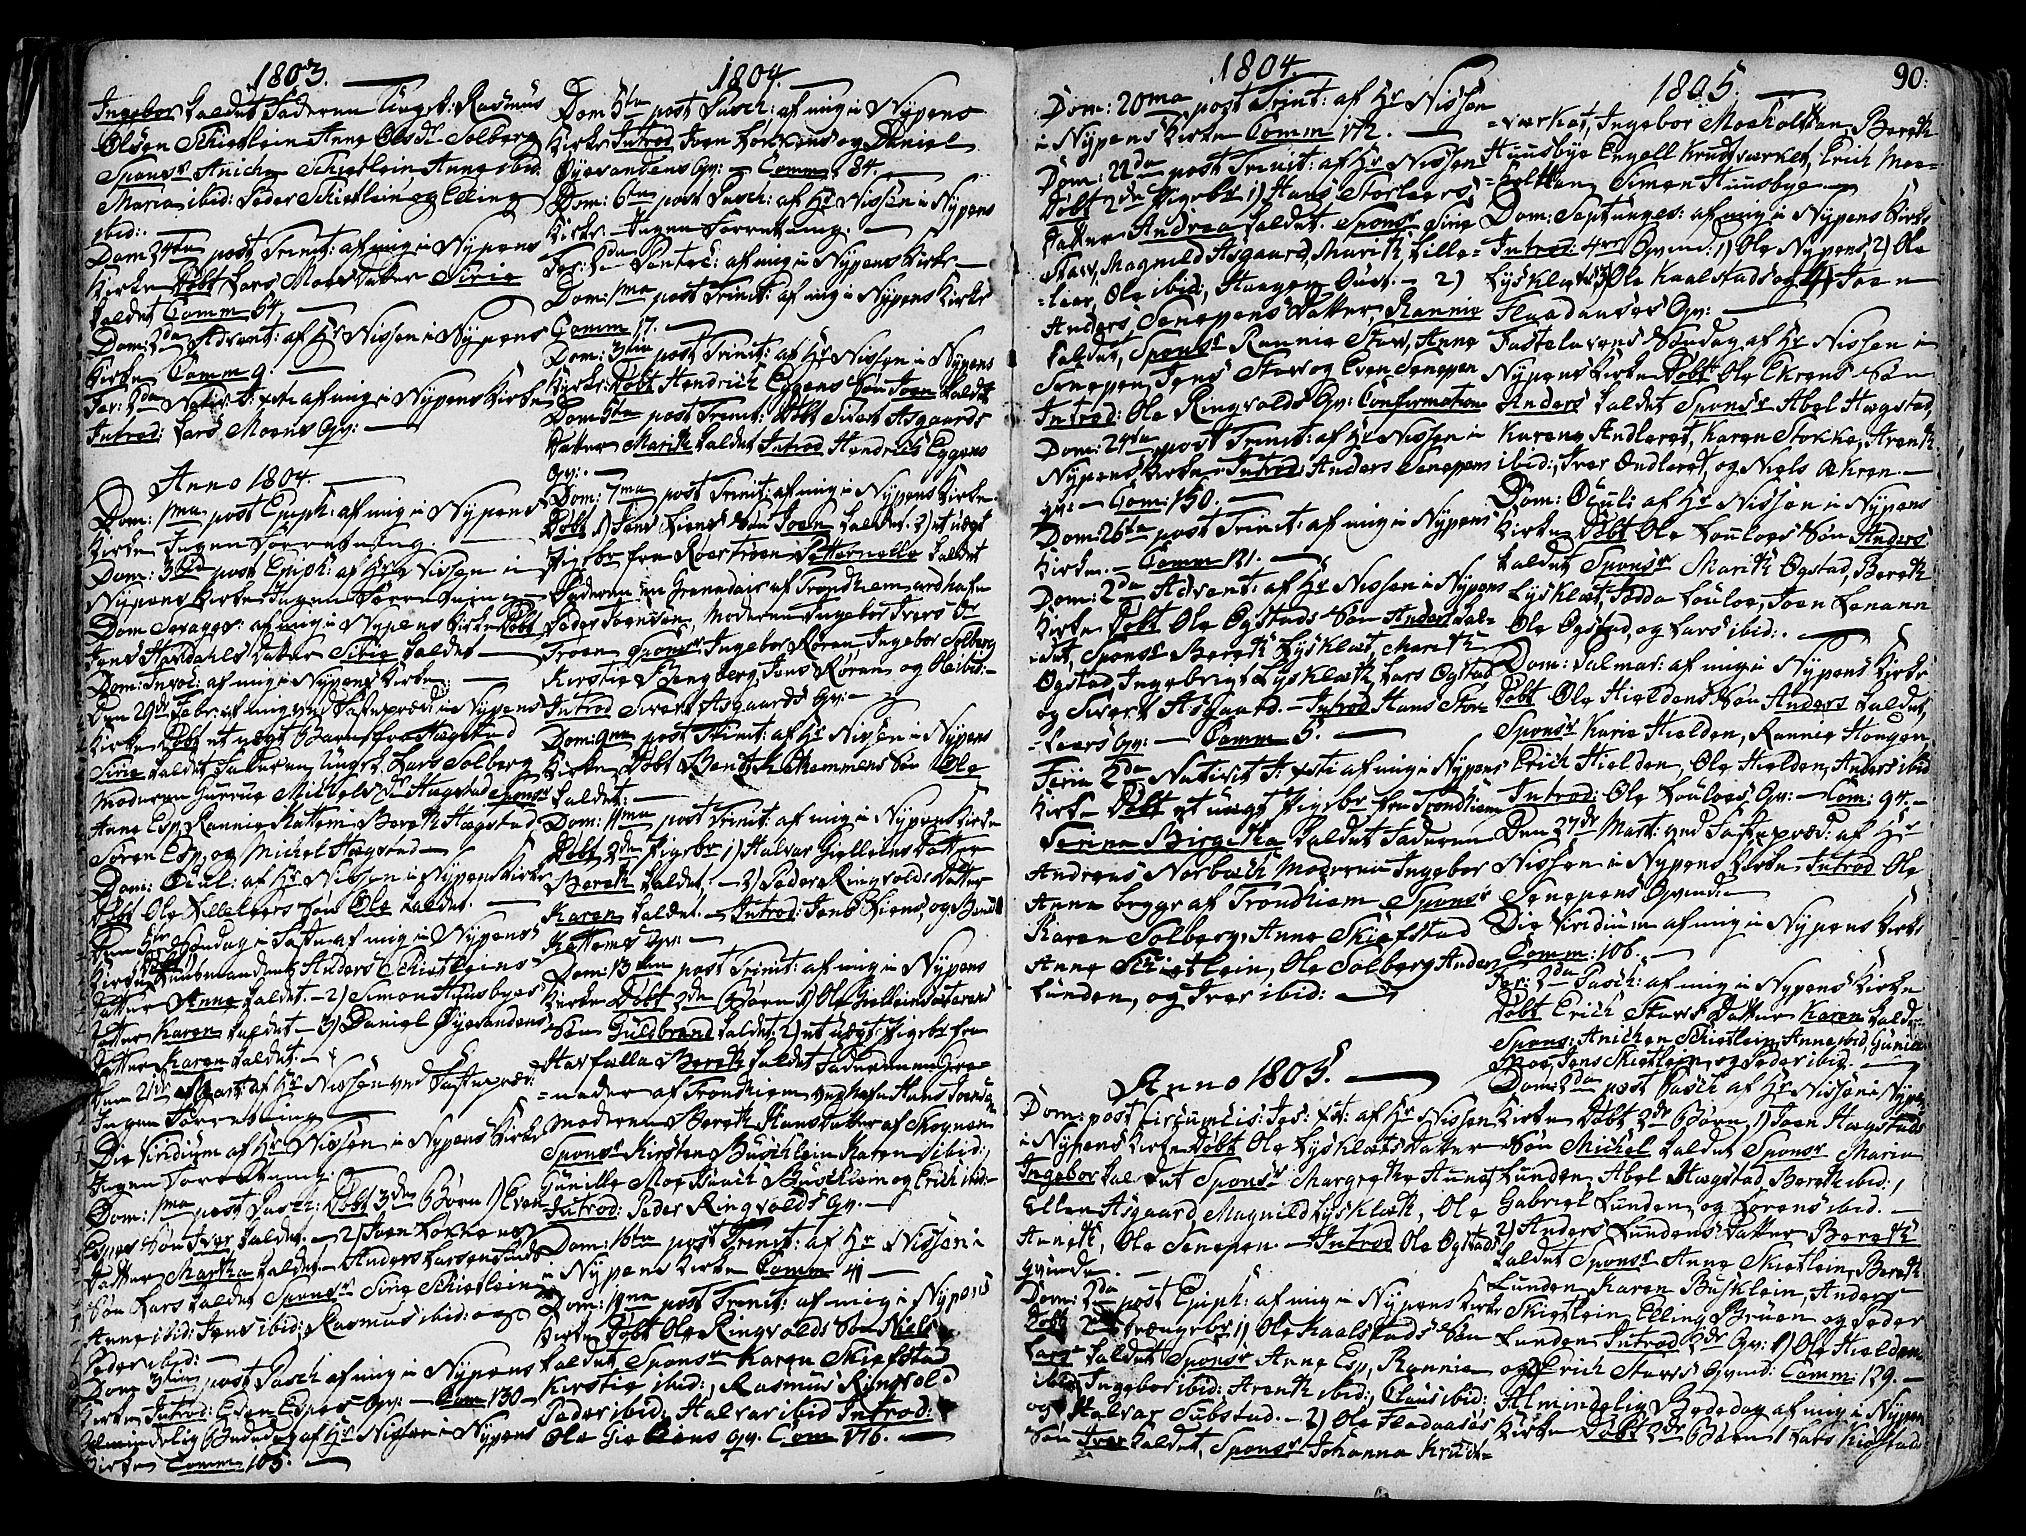 SAT, Ministerialprotokoller, klokkerbøker og fødselsregistre - Sør-Trøndelag, 691/L1063: Ministerialbok nr. 691A02 /3, 1768-1815, s. 90